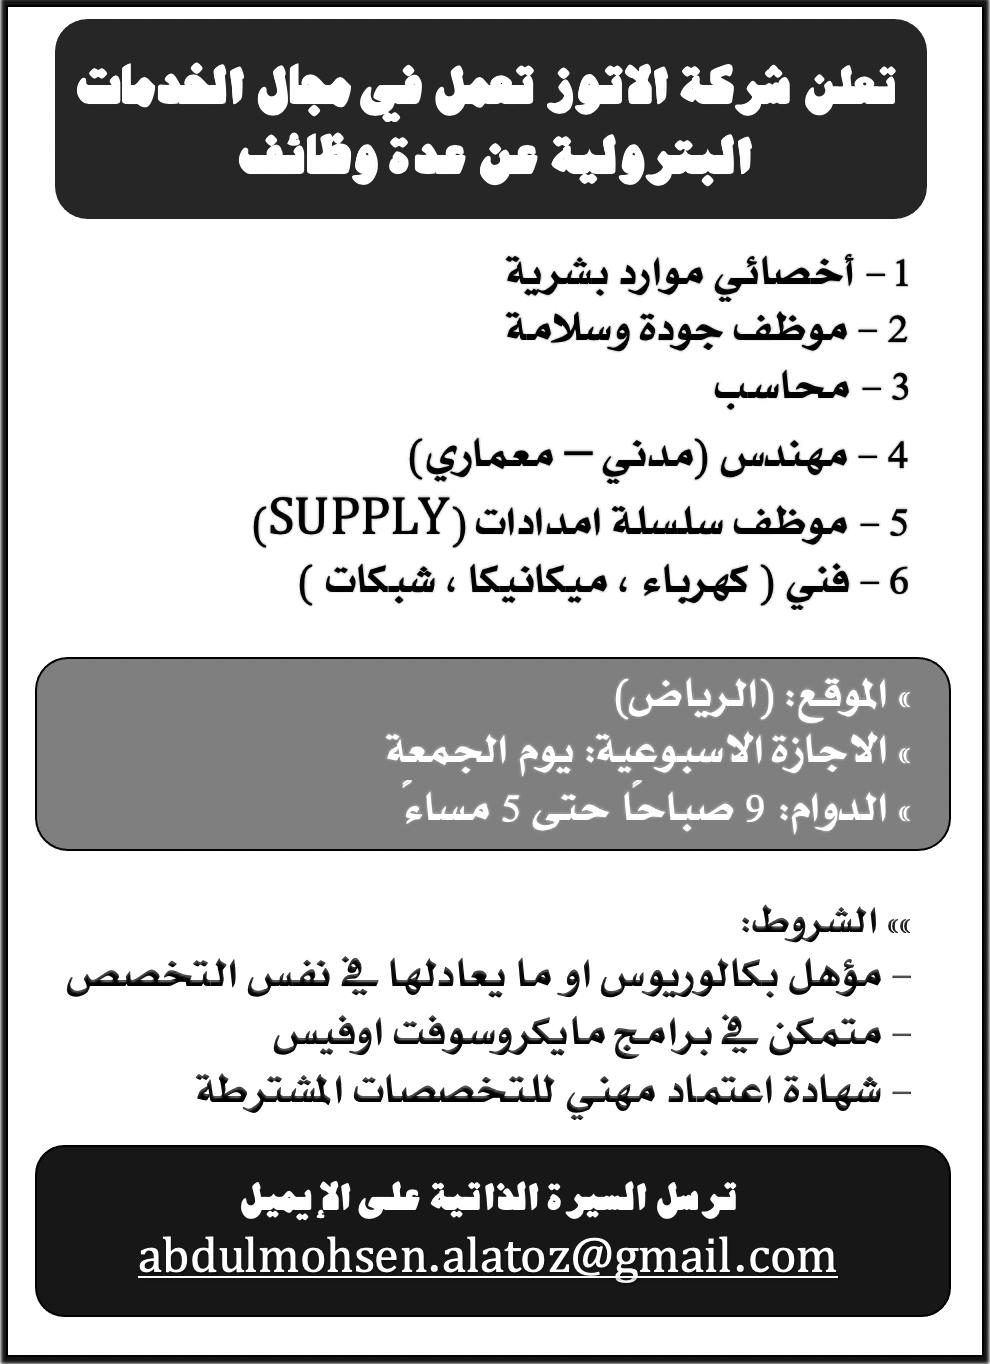 تعلن شركة الأتوز للخدمات البترولية عن وظائف ادارية و فنية و هندسية شاغرة ب #الرياض   - اخصائى موارد بشرية - موظف جودة و سلامه - محاسب - مهندس ( مدنى - معمارى ) - سلسلة امدادات - فنى ( كهرباء - ميكانيكا - شبكات )   الايميل abdulmohsen.alatoz@gmail.com  #وظائف_فنية #وظائف #توظيف